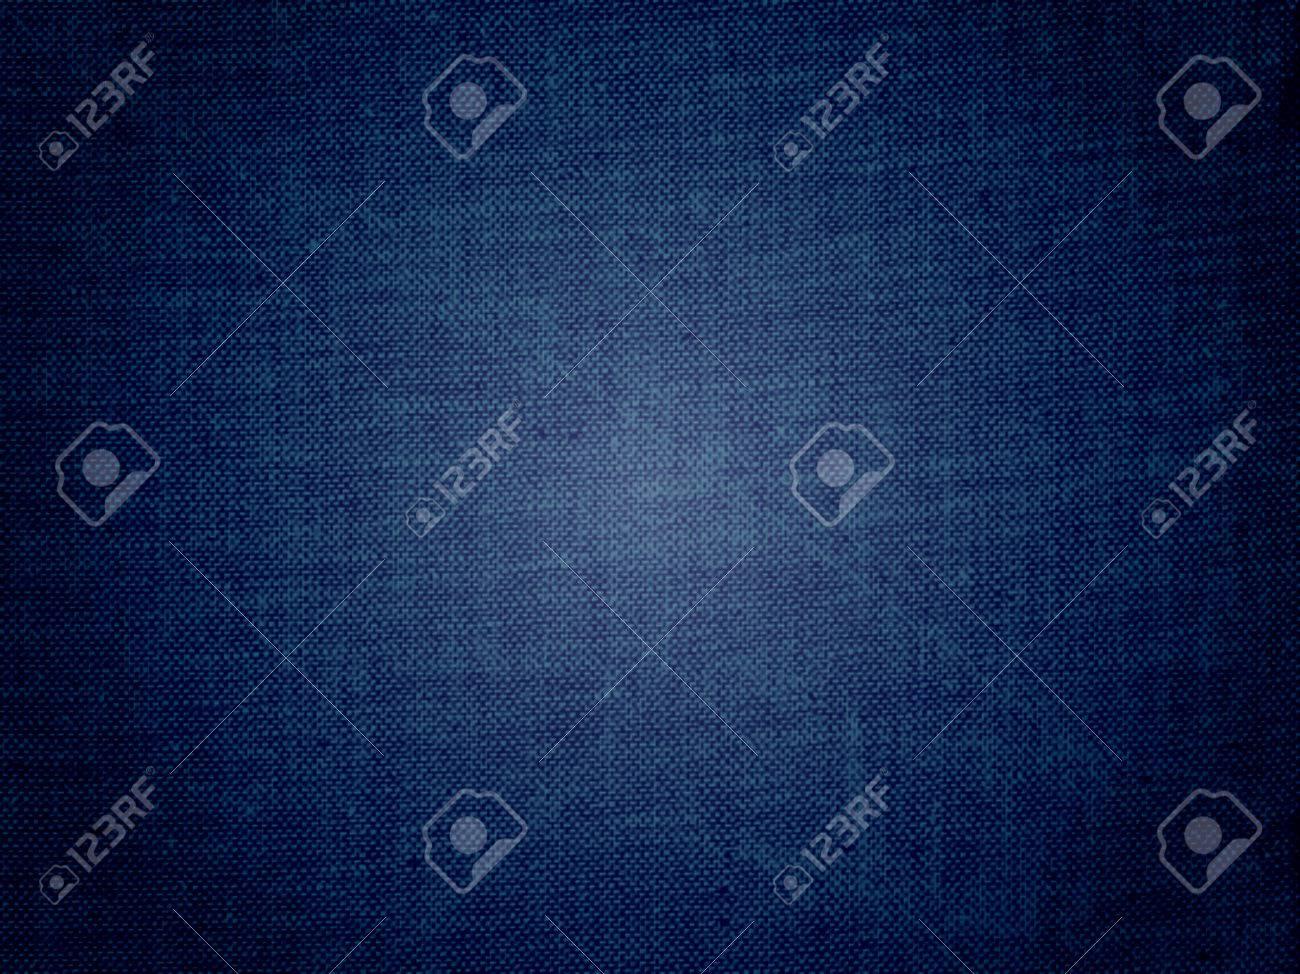 本の表紙と壁紙のレトロな抽象的なテクスチャ濃いジーンズ背景をぼかし の写真素材 画像素材 Image